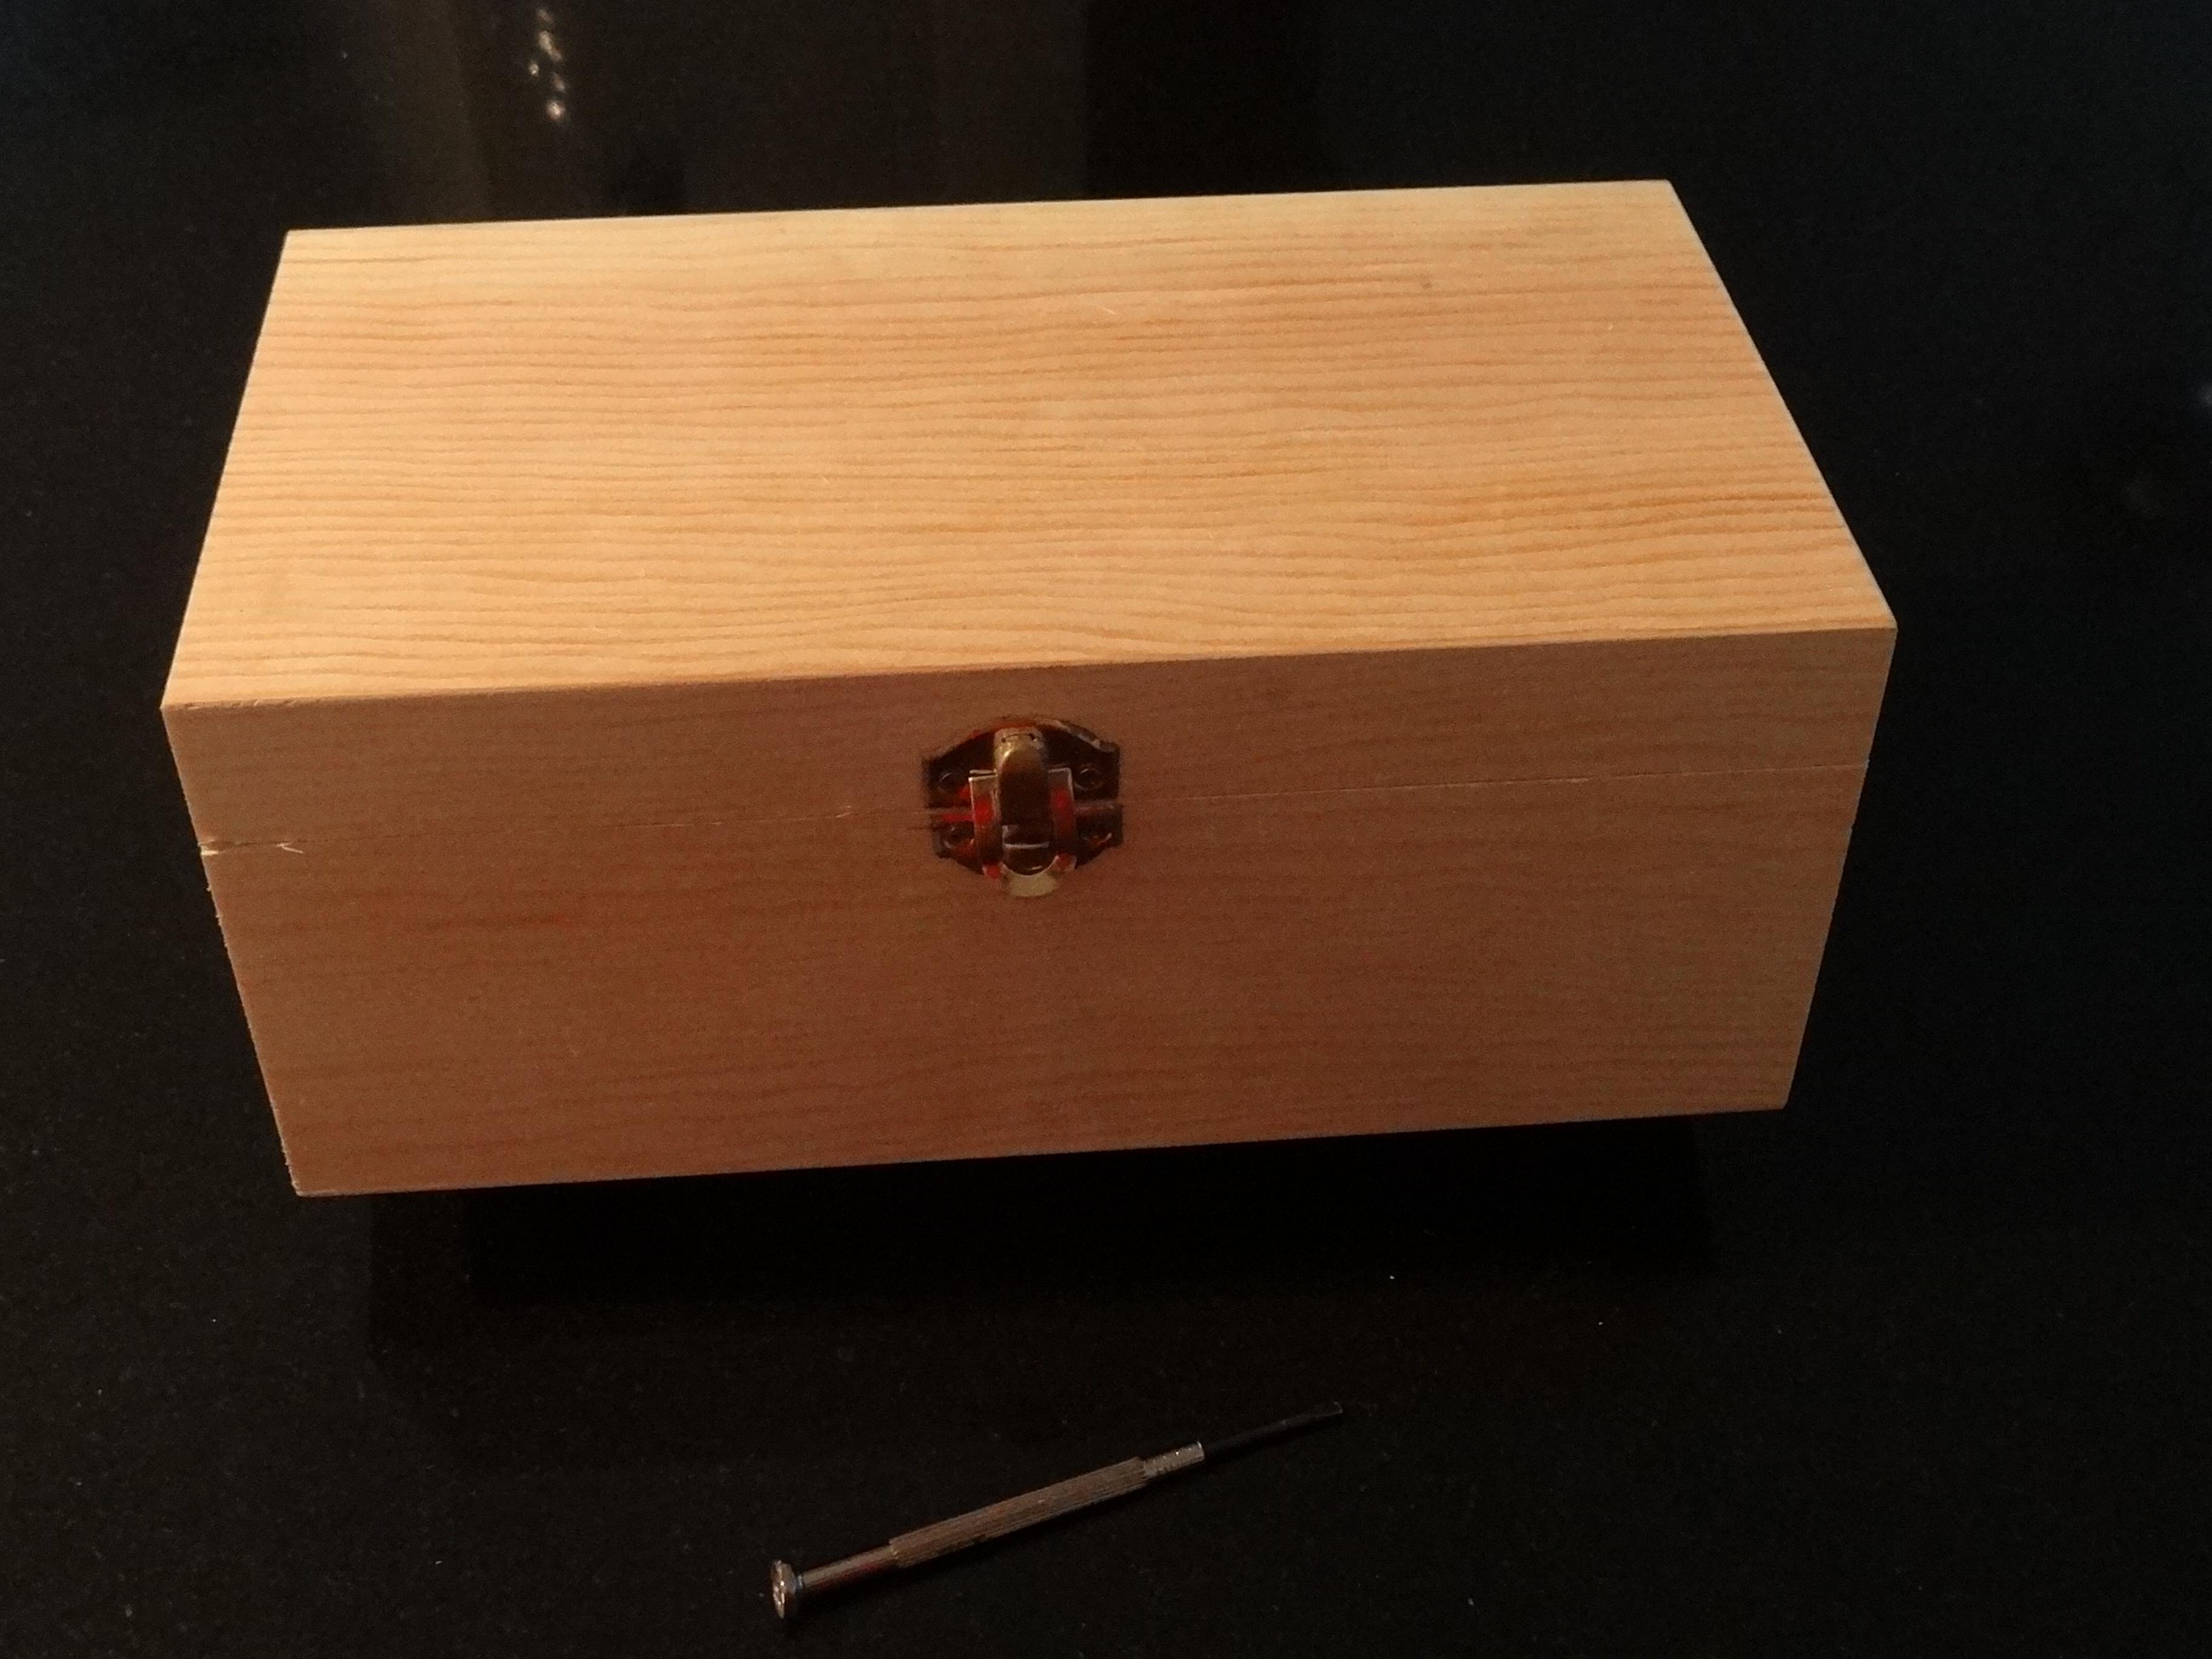 Decoupage viajes eventos - Manualidades pintar caja metal ...